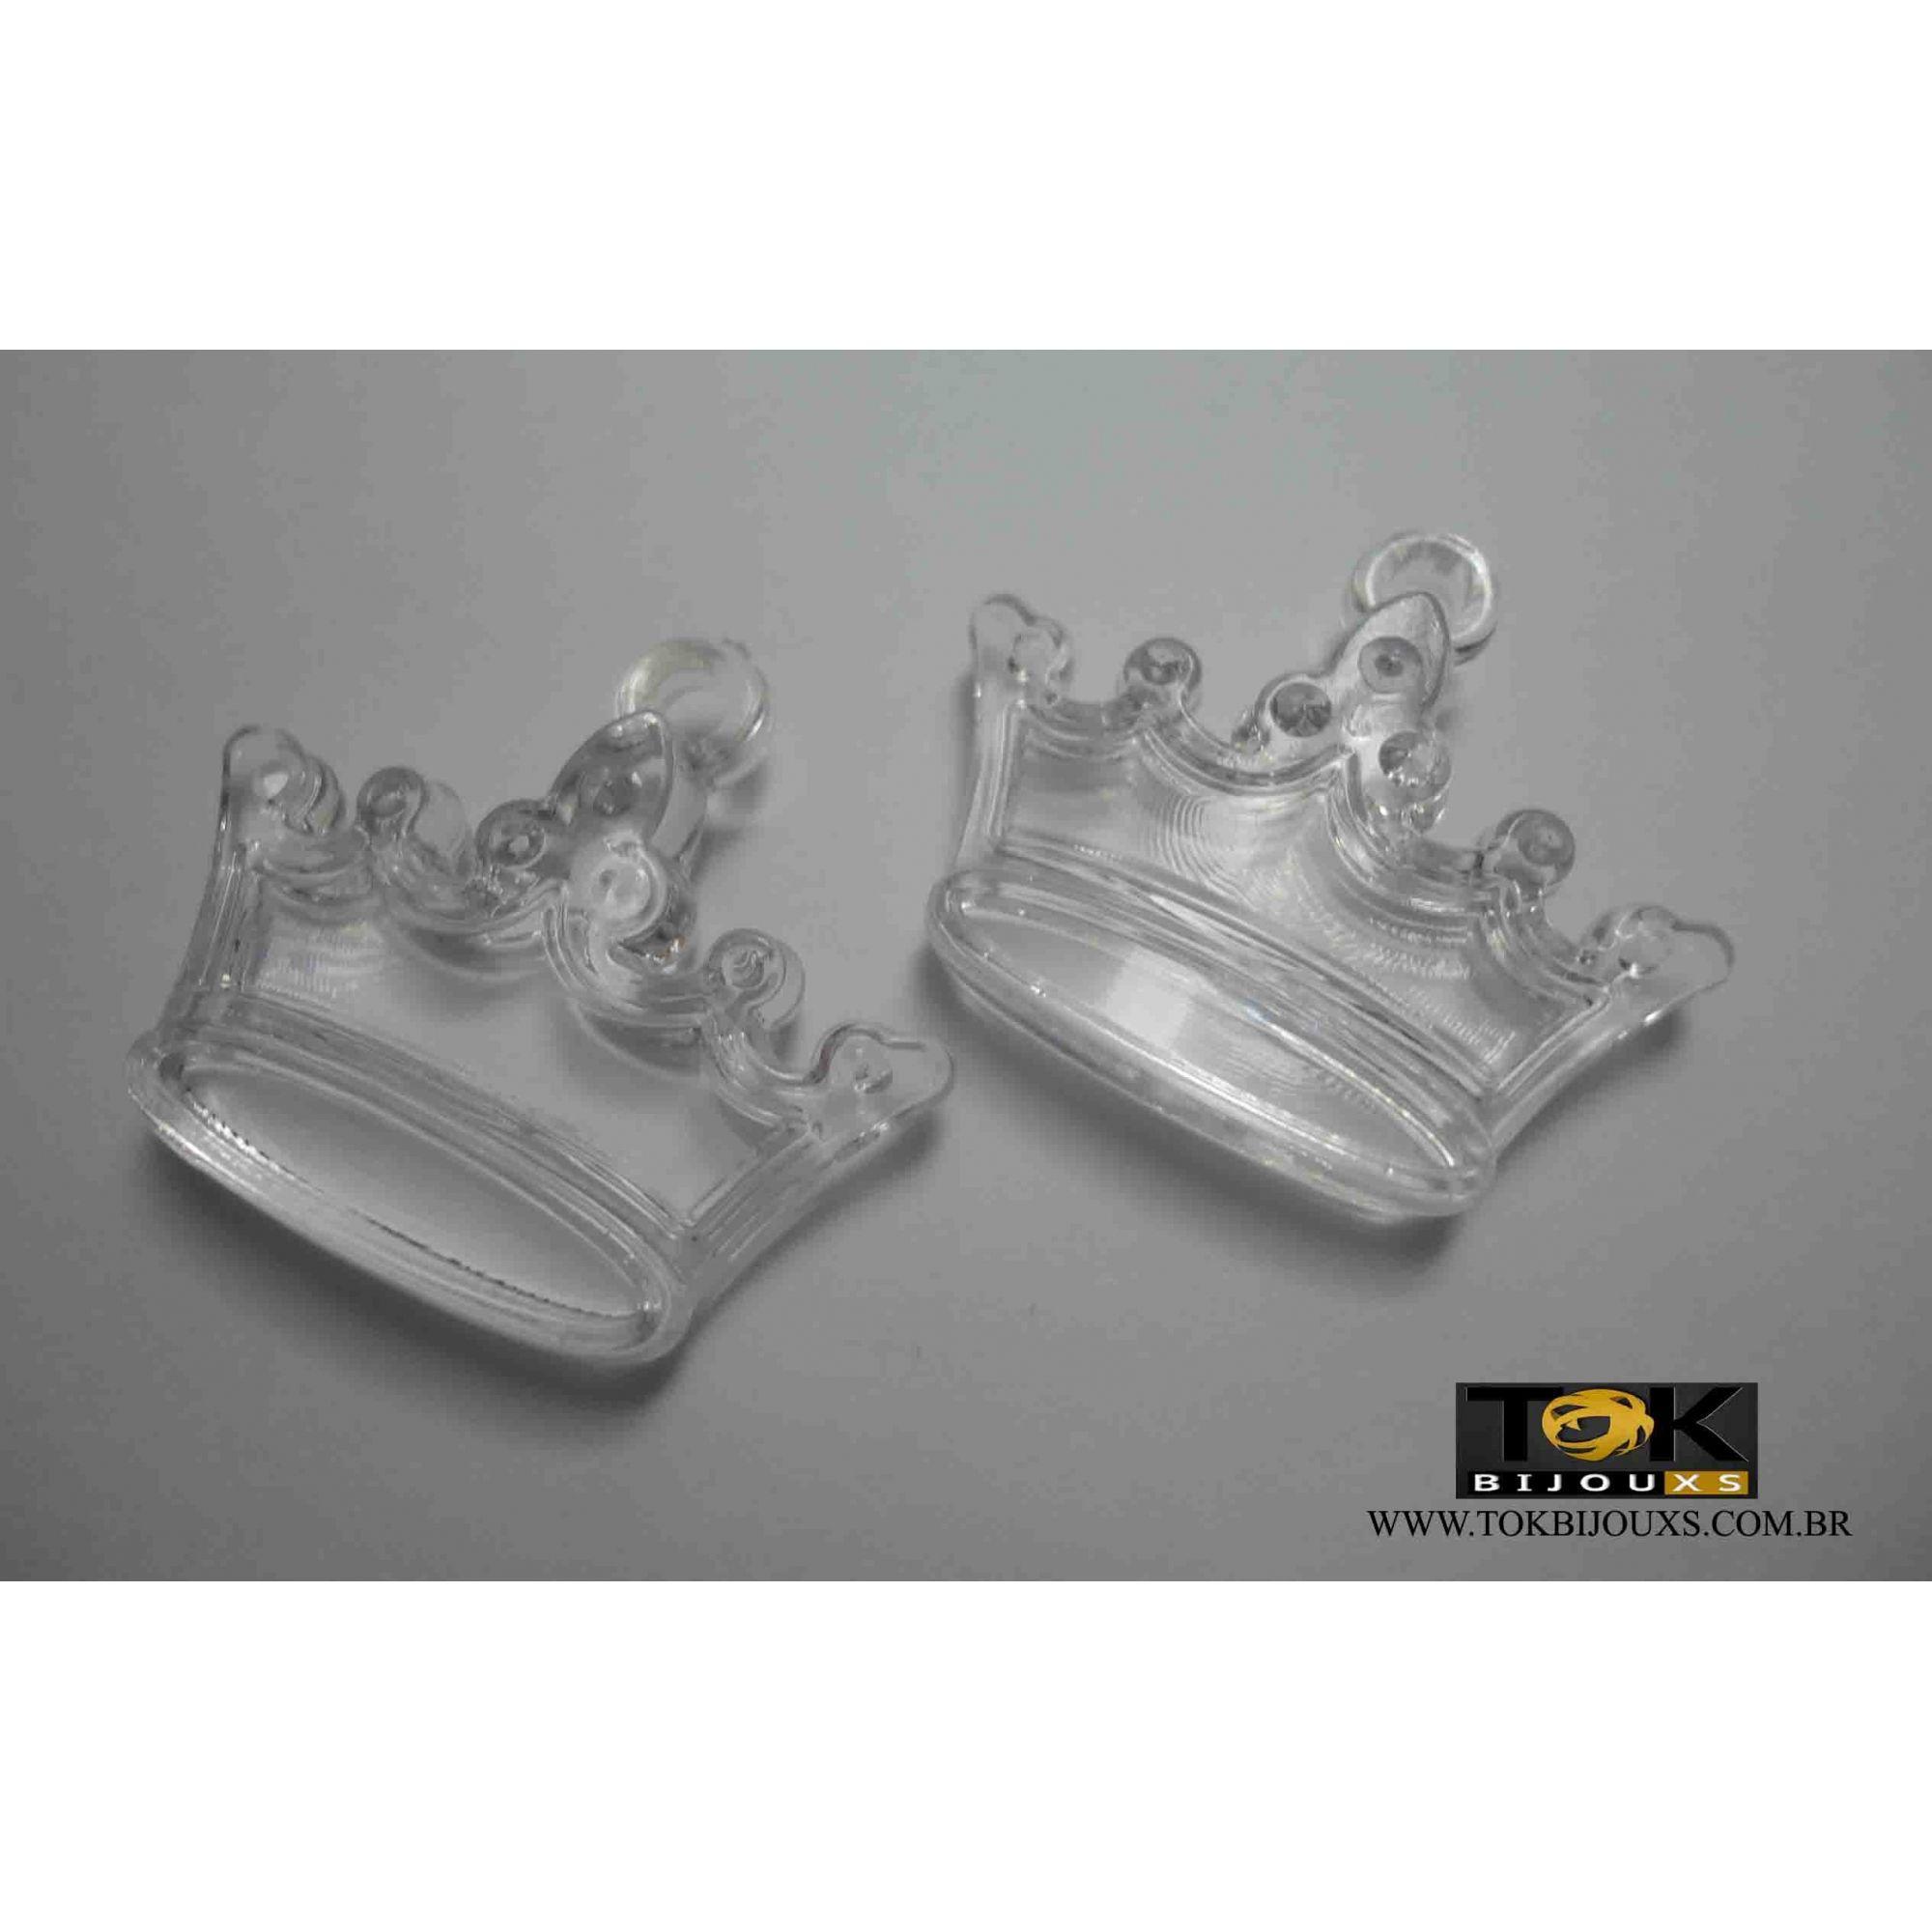 Atacado - Coroa Acrílico - Transparente - 500g